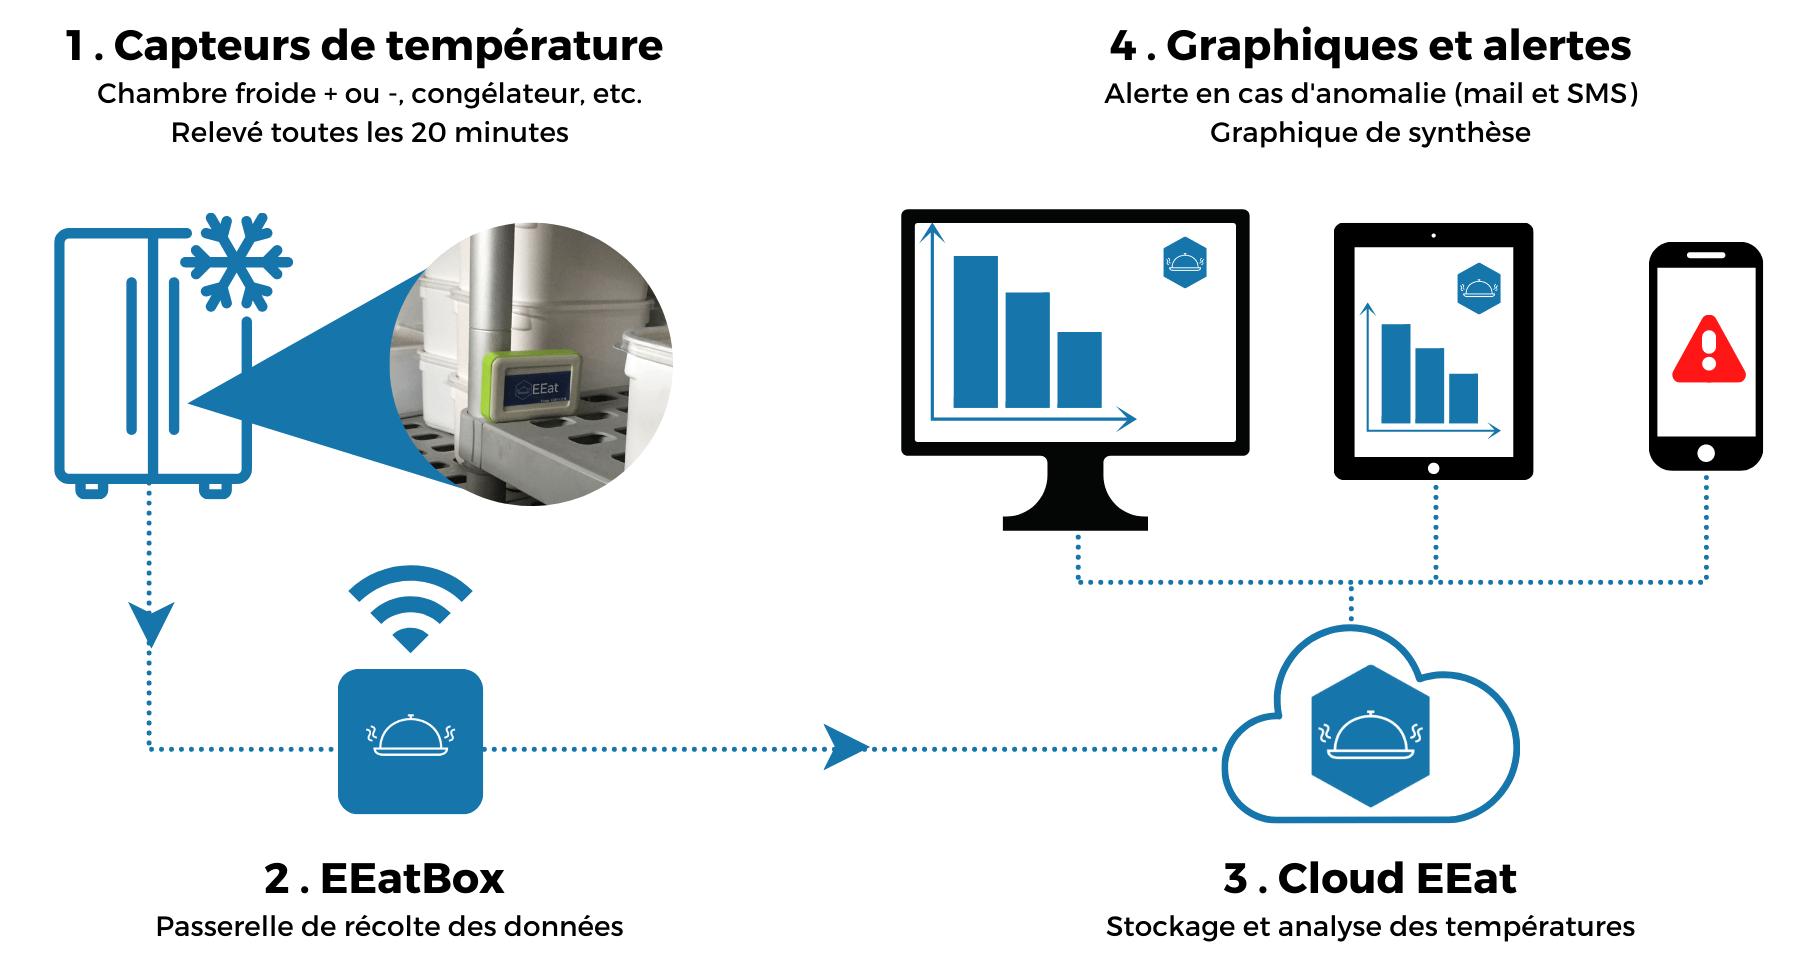 Enregistreur de température connecté EEat